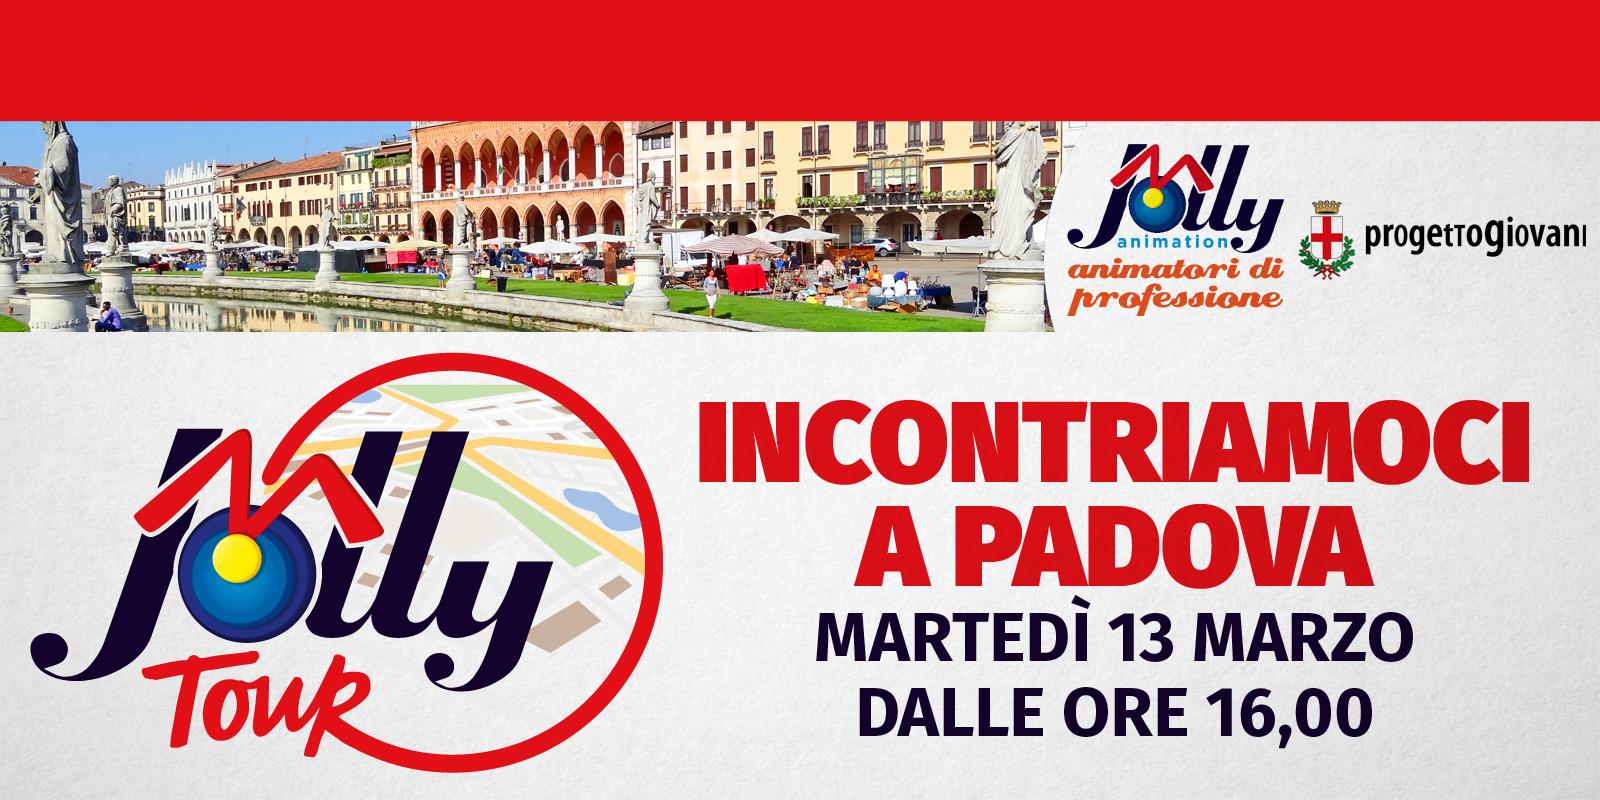 Il 13 marzo ci vediamo a Padova